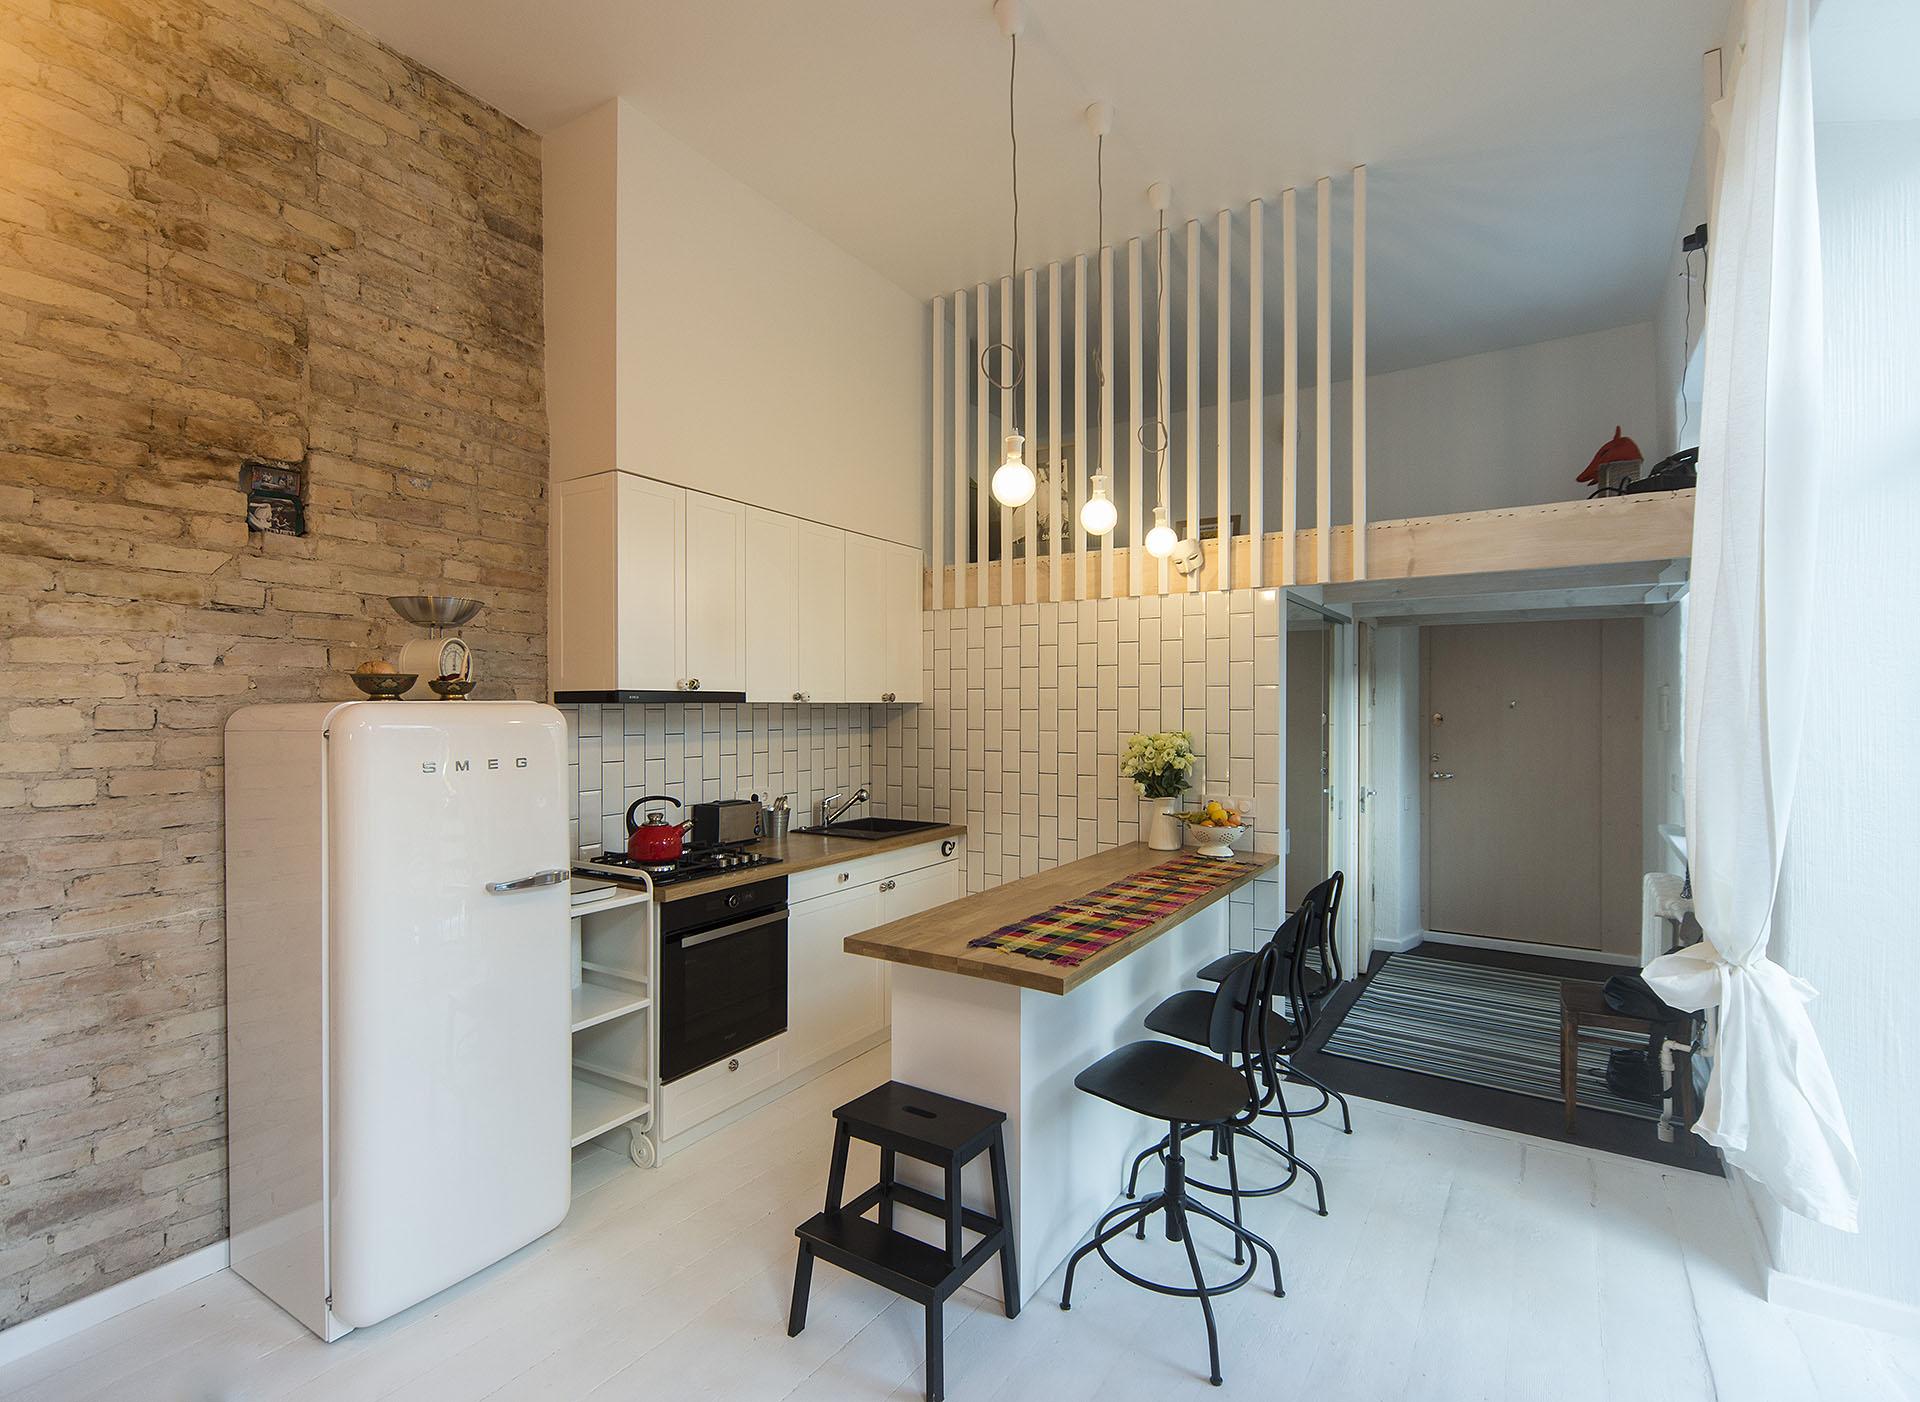 Virtuve-sala-antresole-plytos-balta-metro-senamiestis